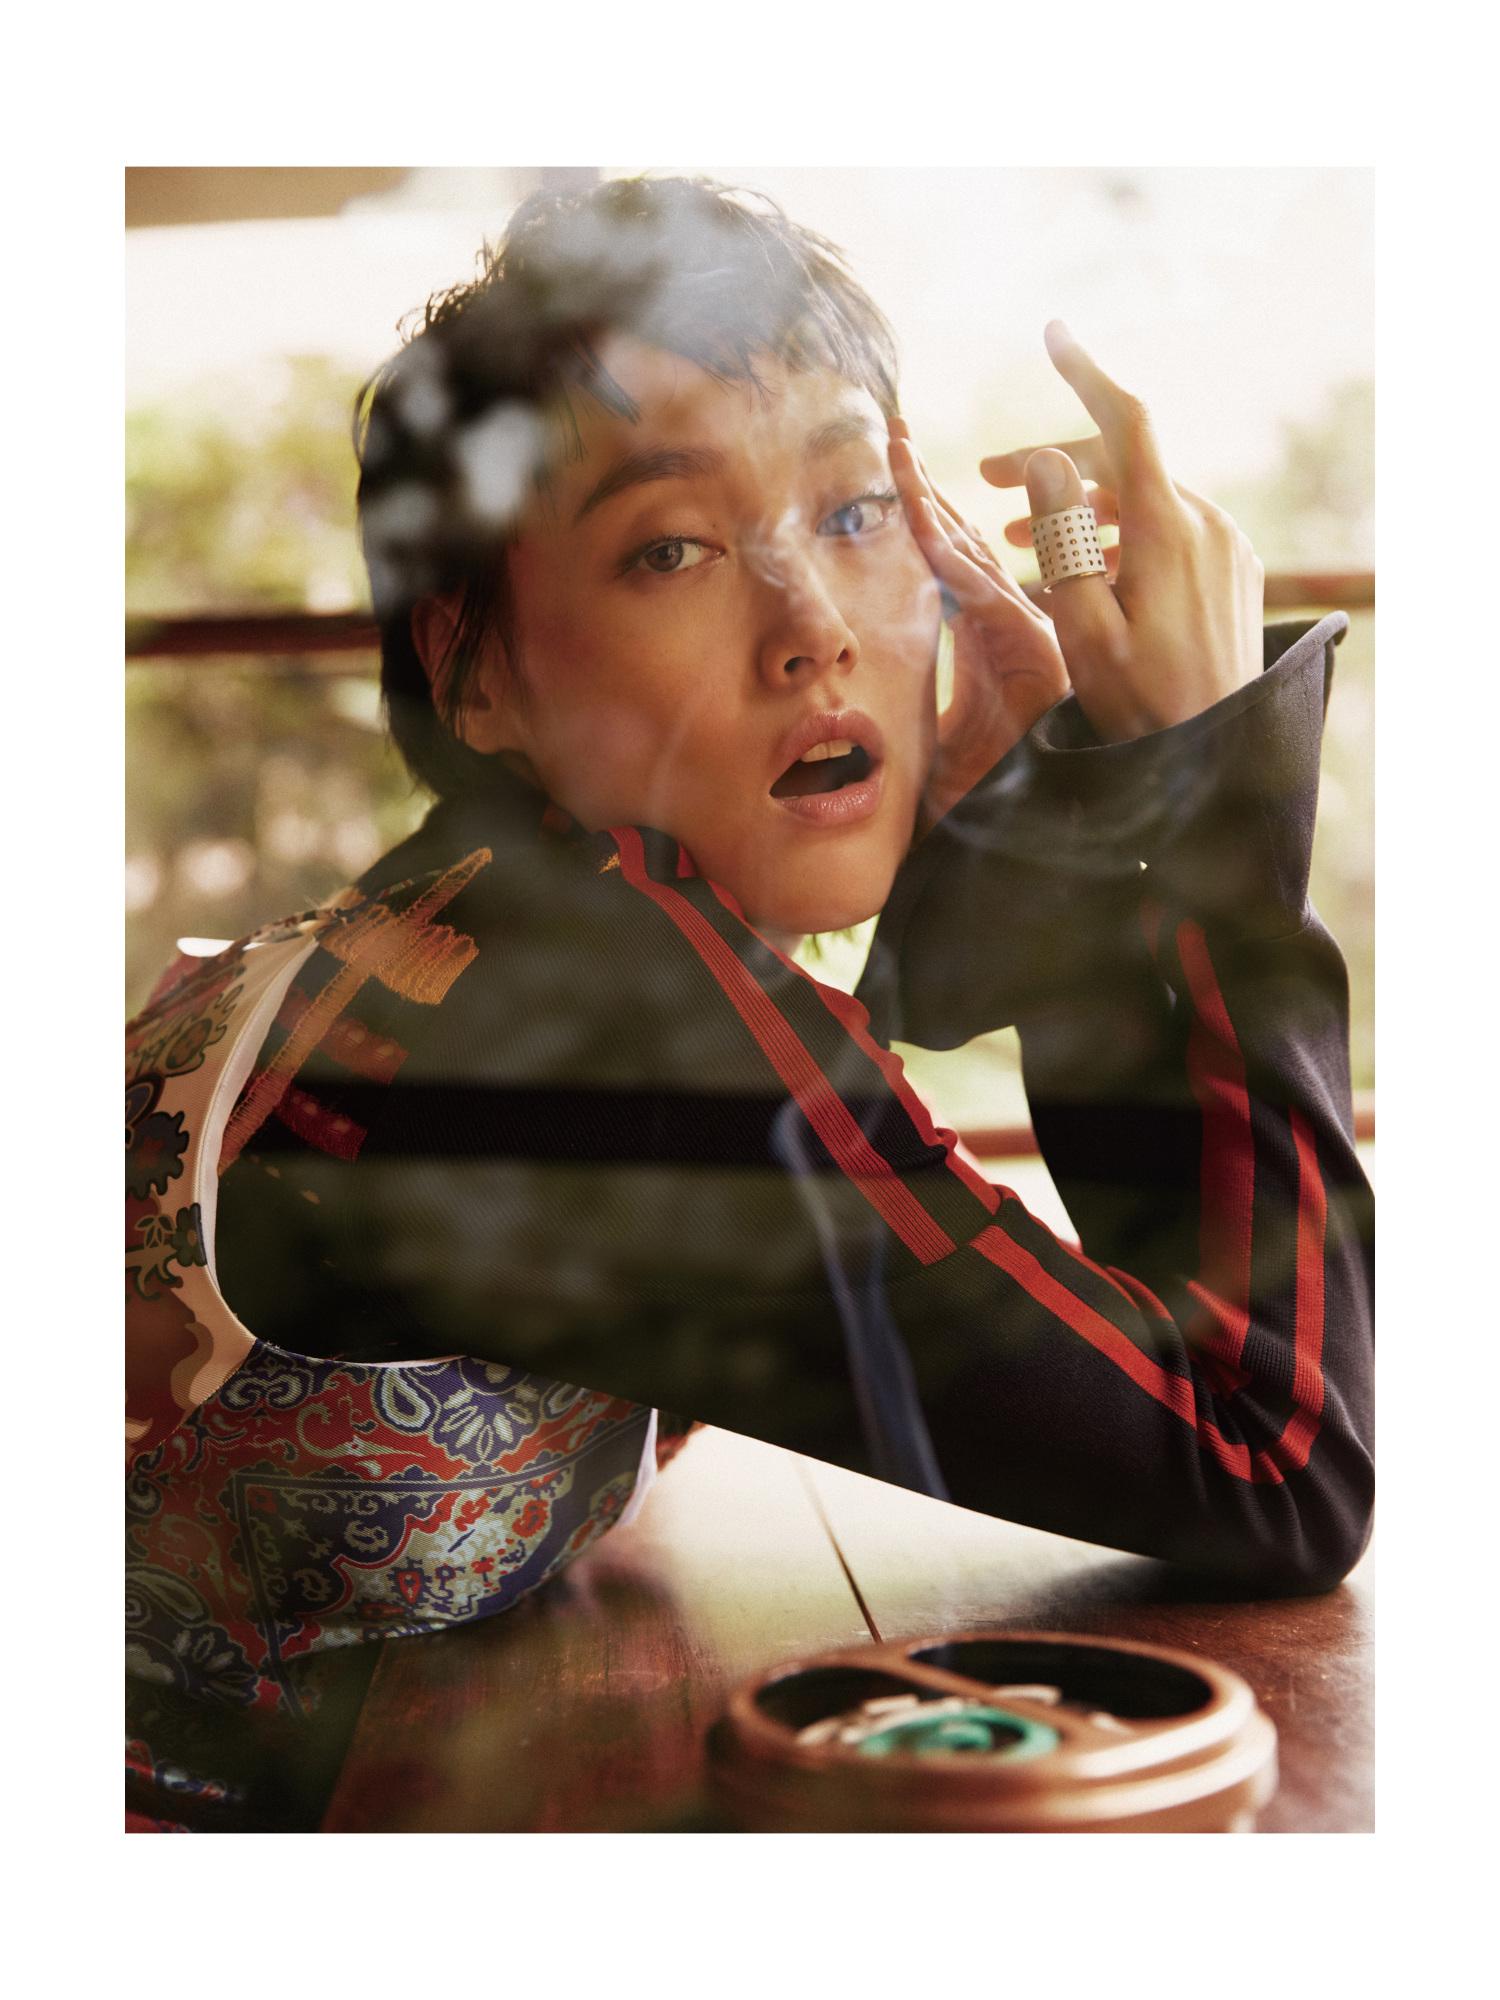 Black Daisy Wallpaper Rinko Kikuchi Madame Figaro Chine Jumbo Photographe